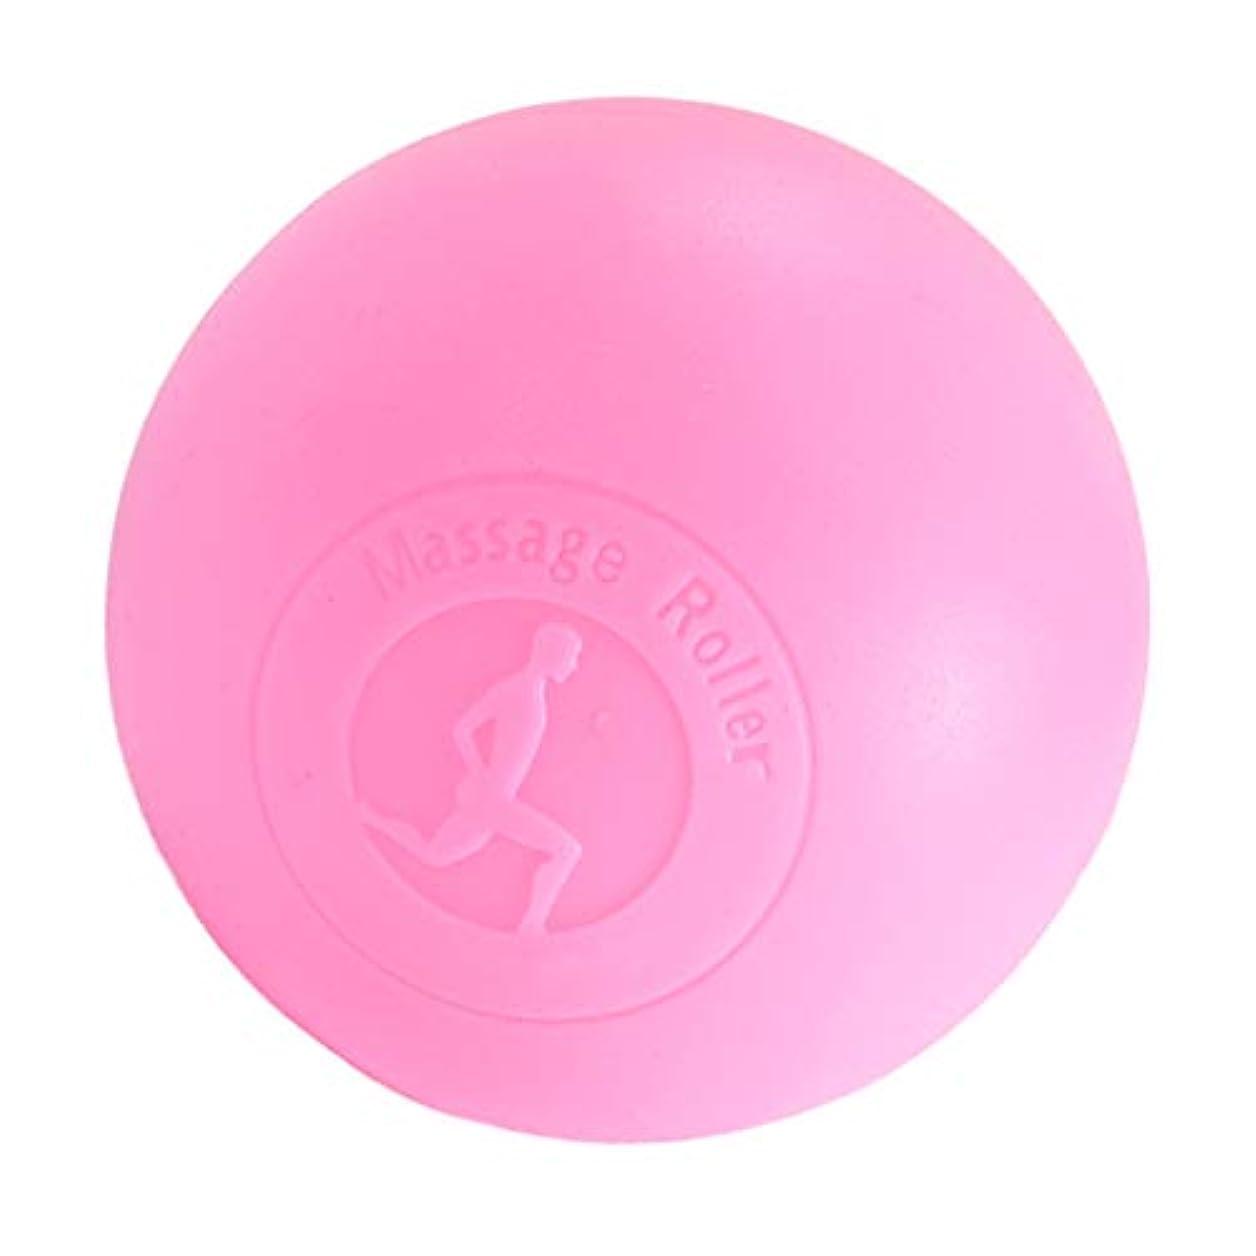 いたずらな駅マッサージマッサージボール ボディーマッサージ 2色選べ - ピンク